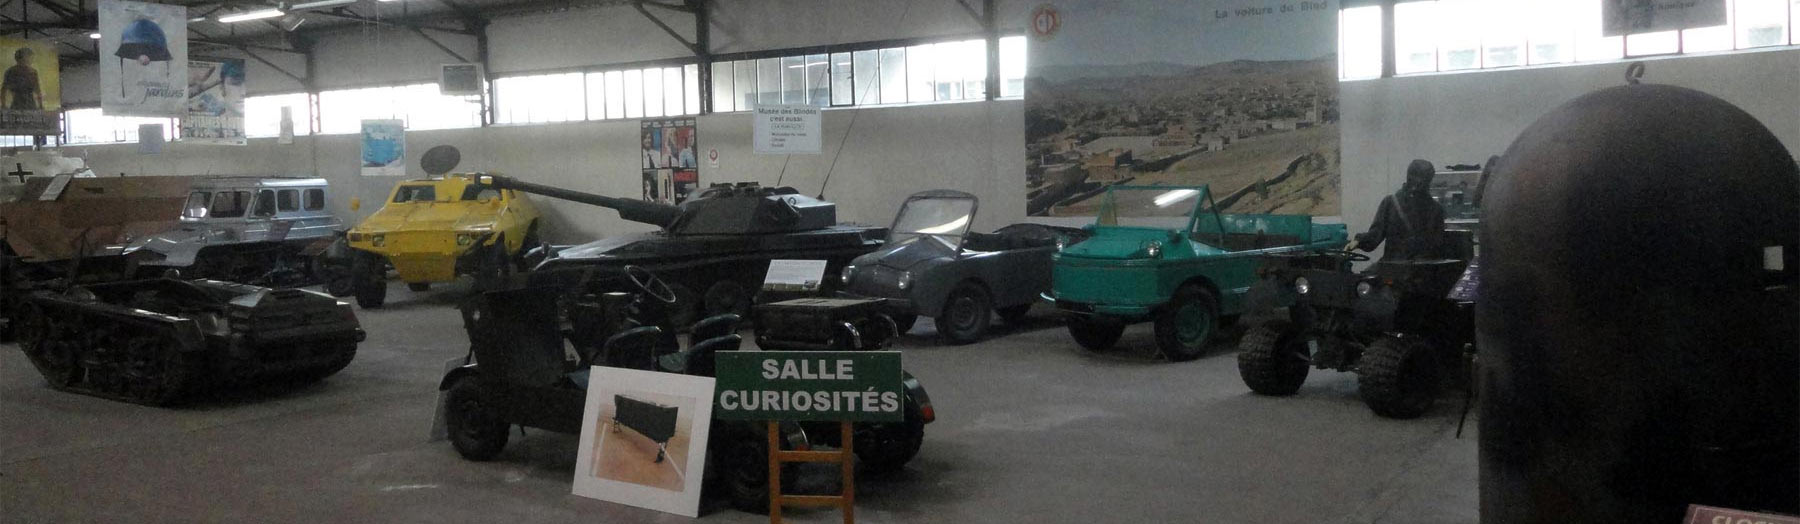 достопримечательности танкового музея